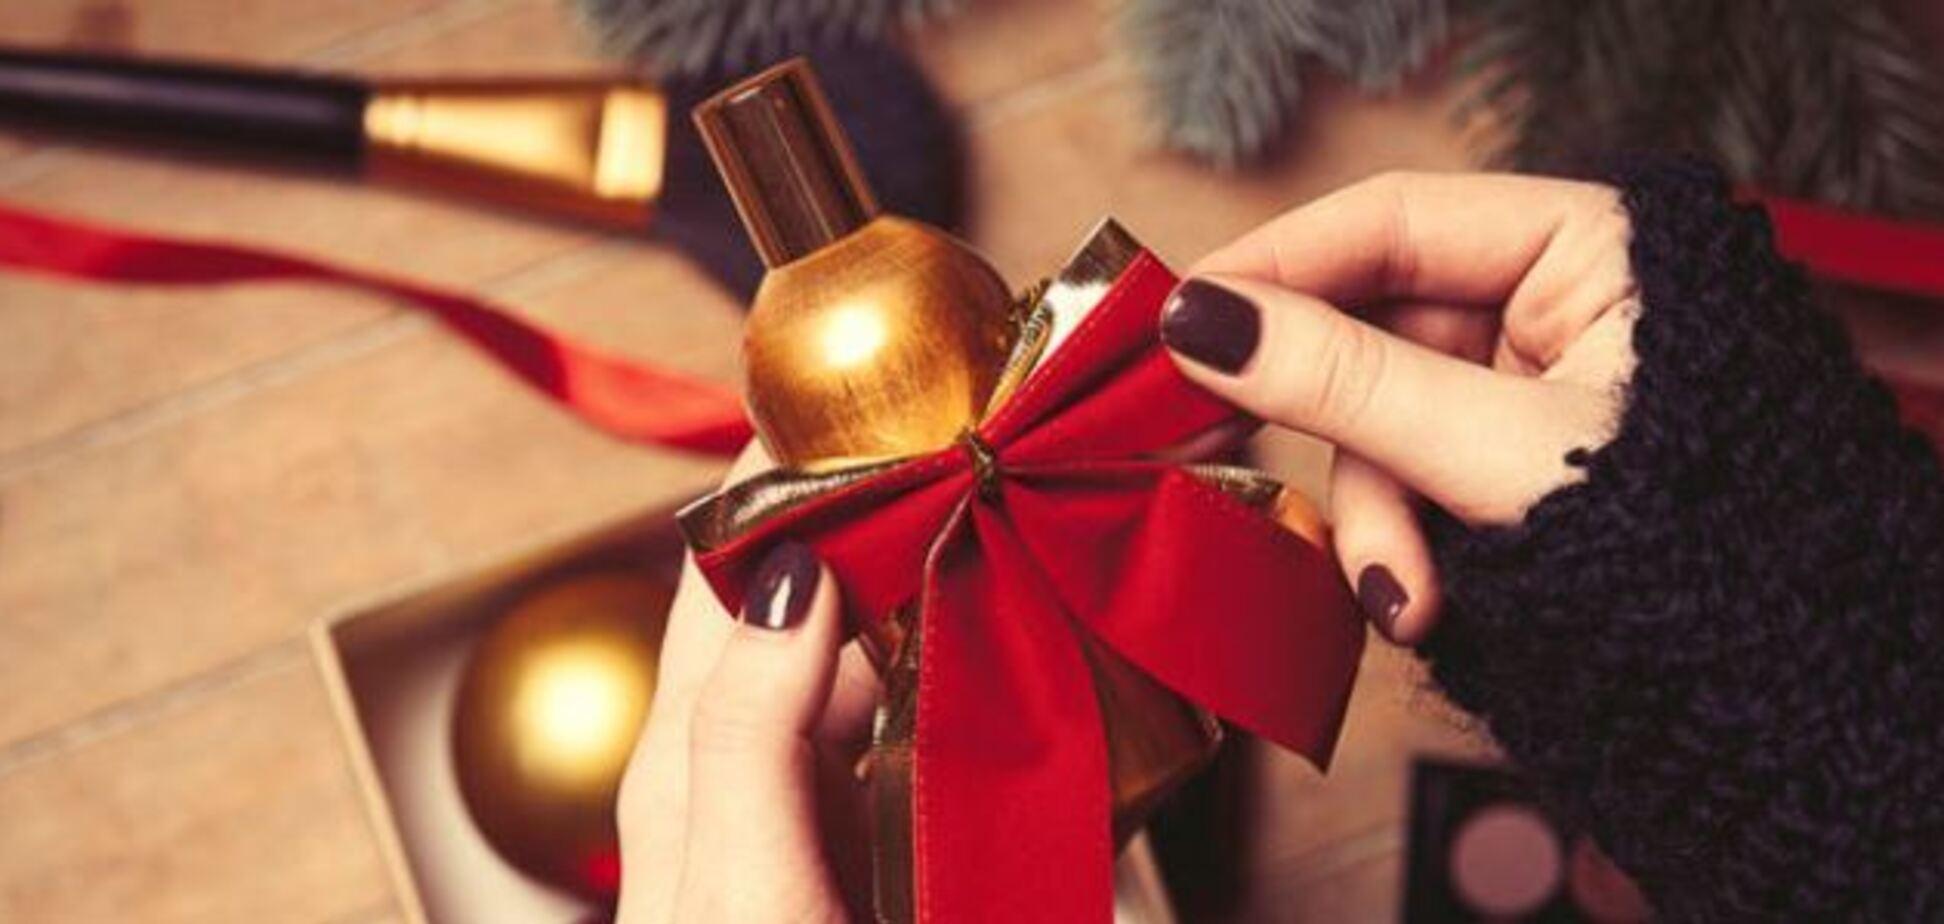 Парфюмерия как подарок на Новый год. Идея на миллион?